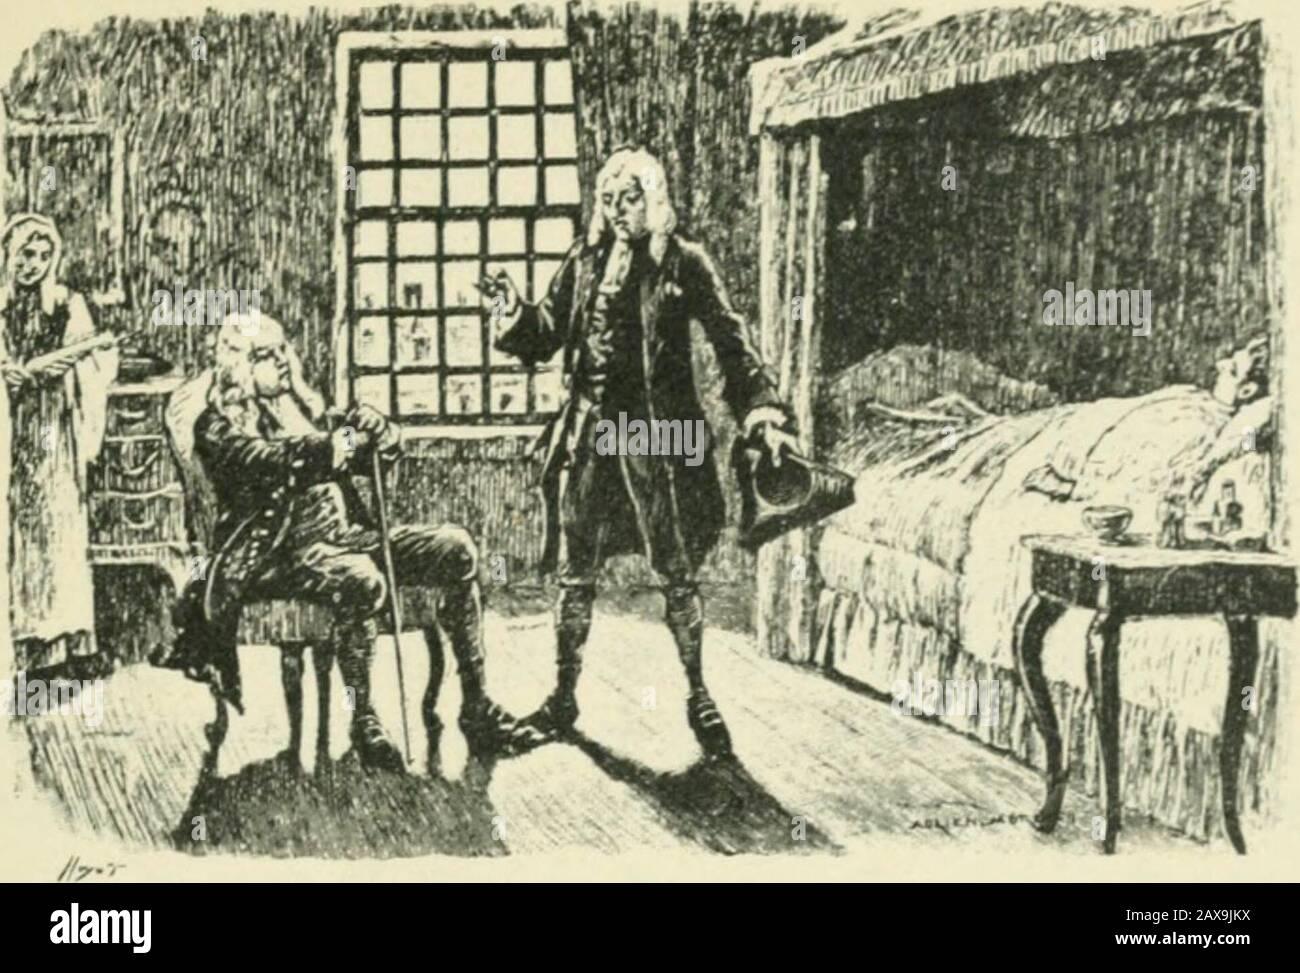 Candide; ou, l'optimiste; . iiiiiiiéiiiiiiii^. XXII Ce qui arriva en France à Candide et à Martin. Candide no sarrêta dans Bordeaux quautant de tempsquil en fallait pour vendre quelques cailloux du Dorade,et pour saccommoder dune bonne chaise à deux places,car il ne pouvait plus se passer de son fils philoshe Mar-tin; Il fut seult très fâché de se séparer de sonmouton, quil laissa à l'Académie des sciences de Bor-deaux, laquelle proposa  )notre le sujet du j)rix de cetteannée de trpourquoi la laine de ce mouton étaitrifir, et le fut du savant, par an Banque D'Images